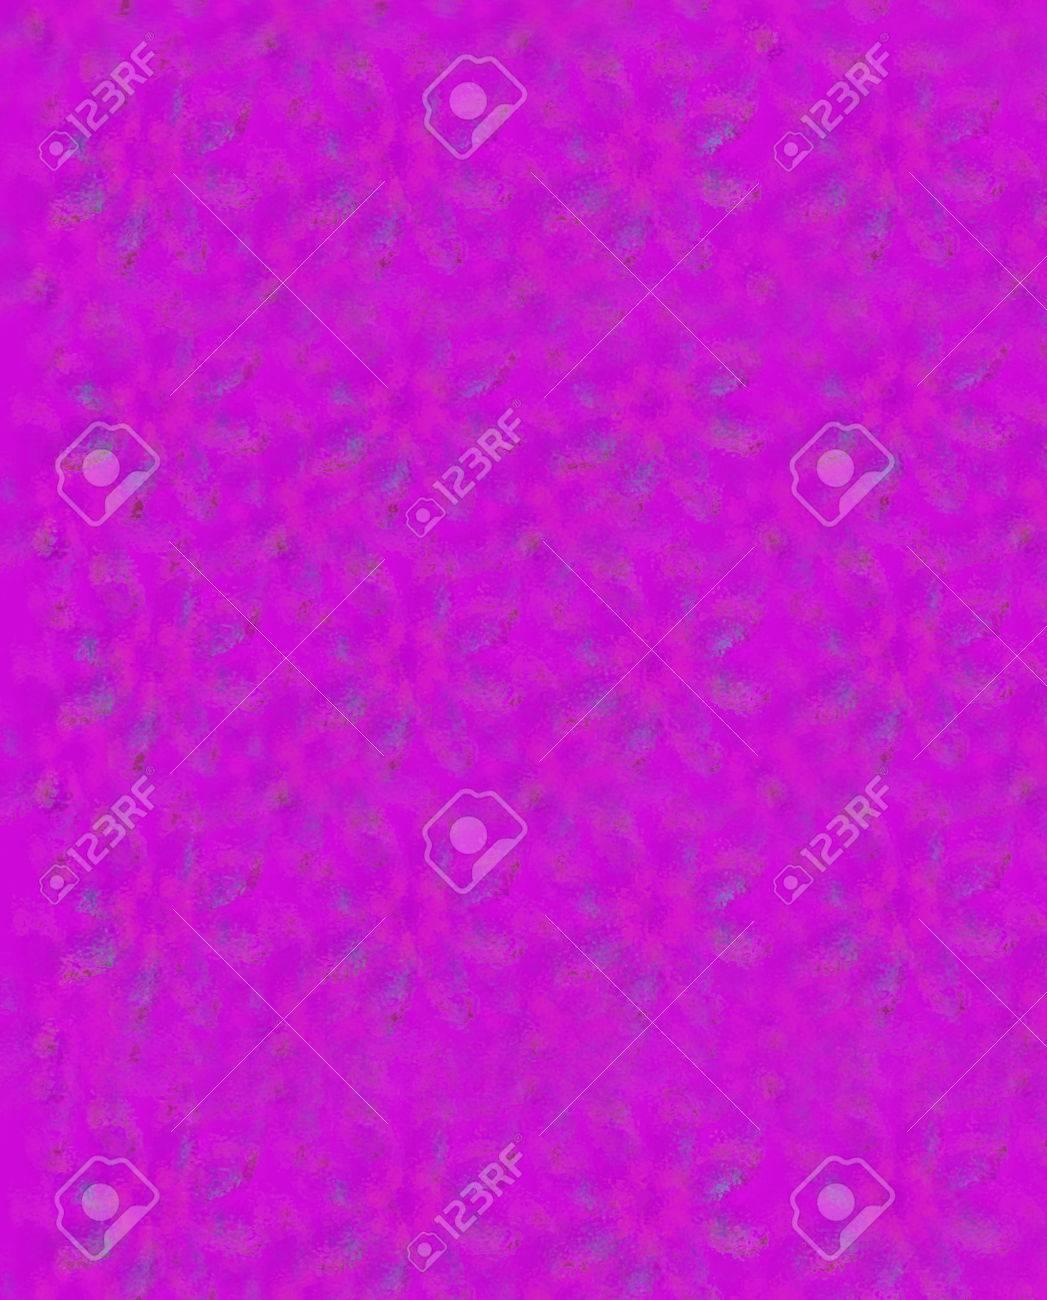 Abstract Immagine Di Sfondo è Di Colore Rosa Caldo Con Righe